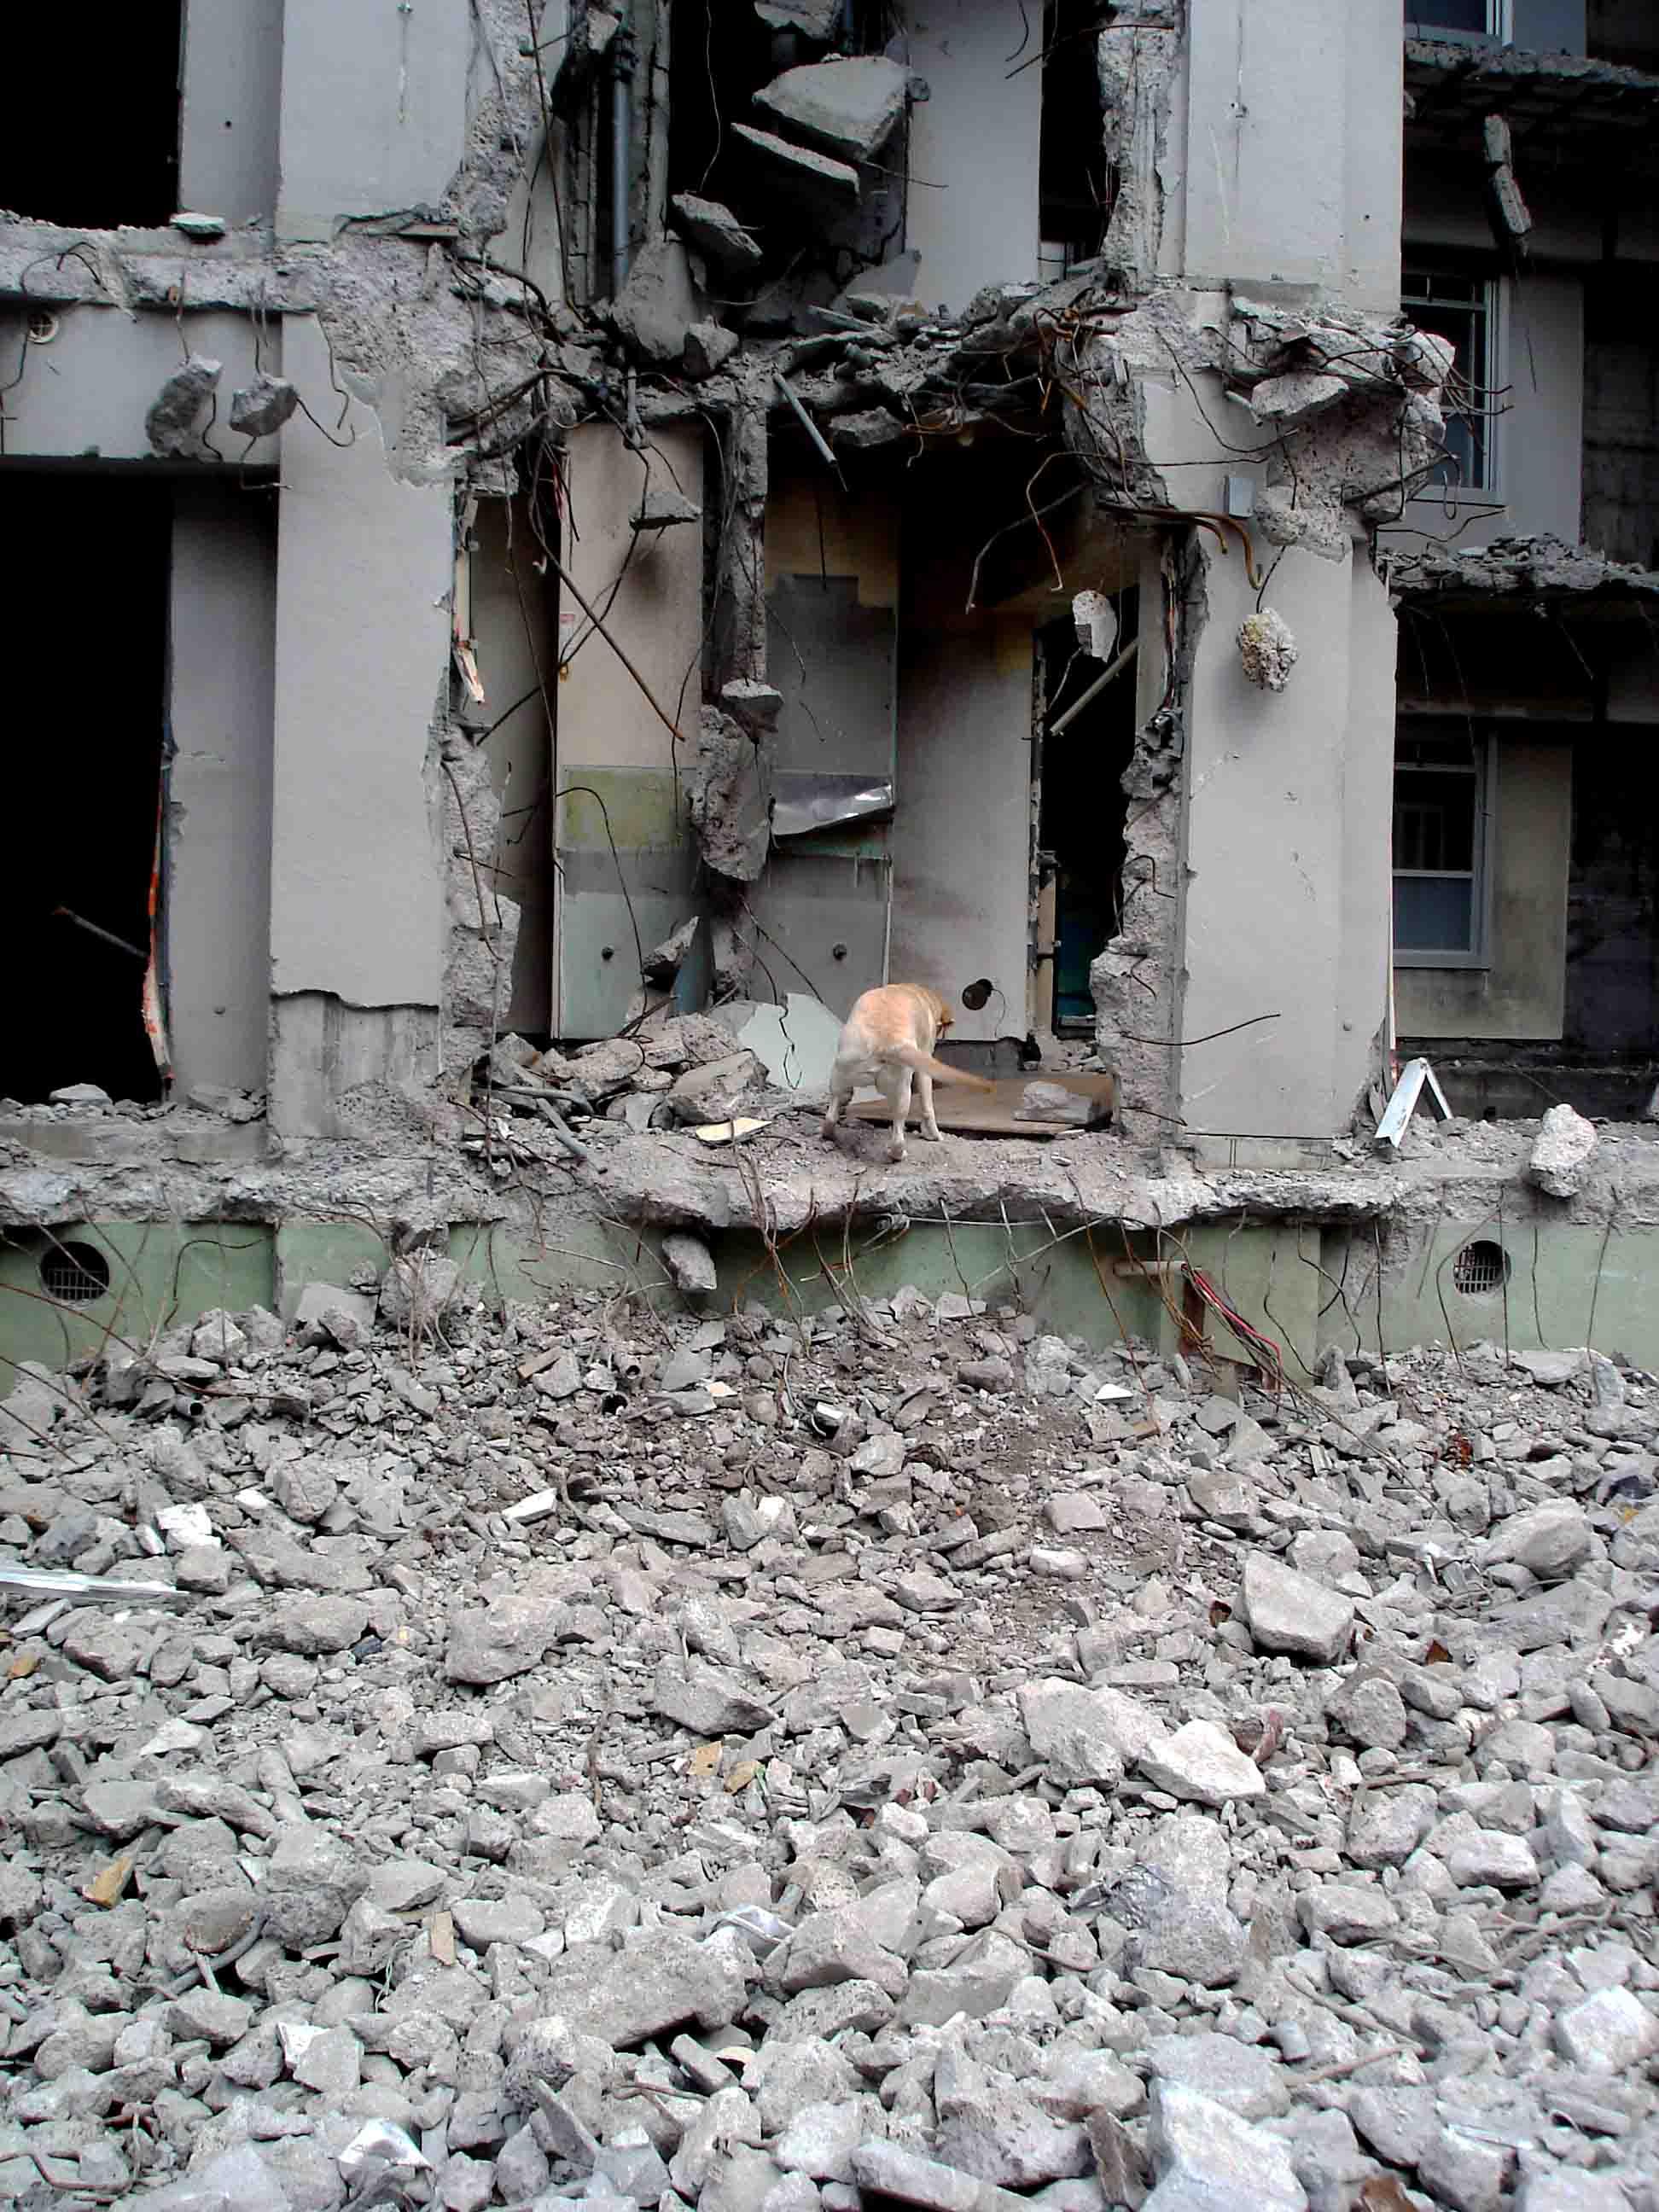 瓦礫現場捜索基礎訓練④